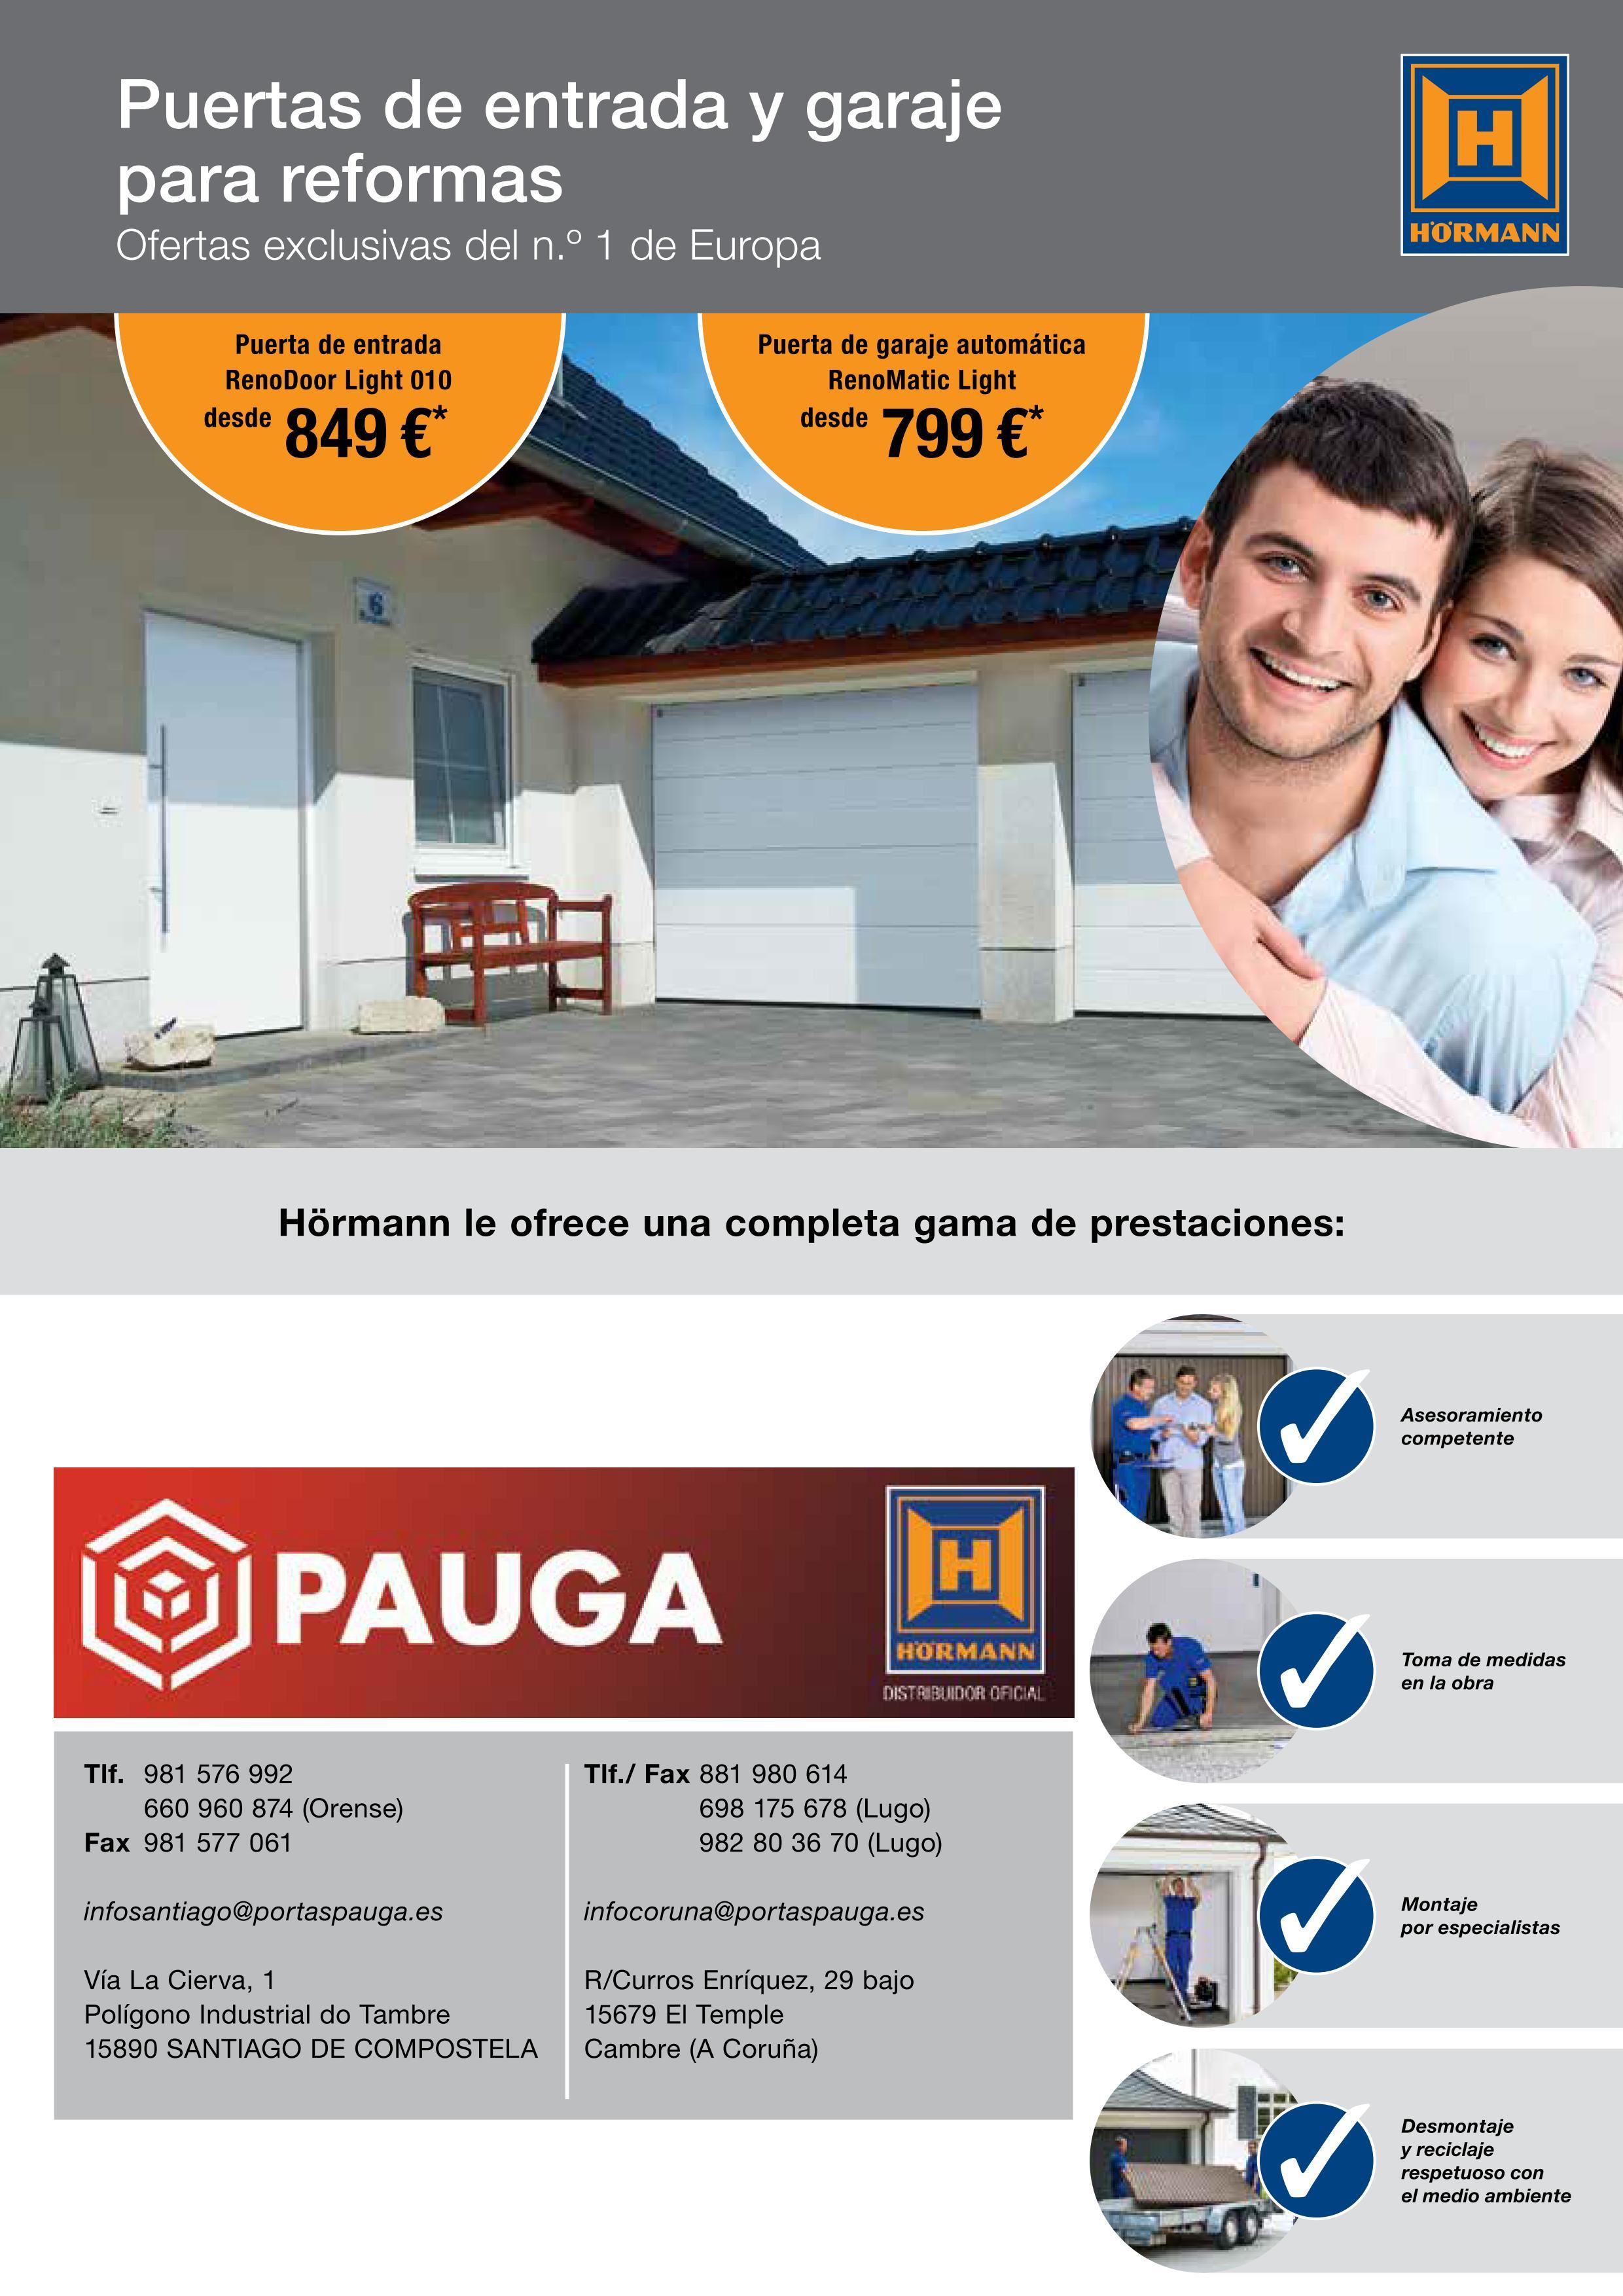 promoción Hörmann España 2016